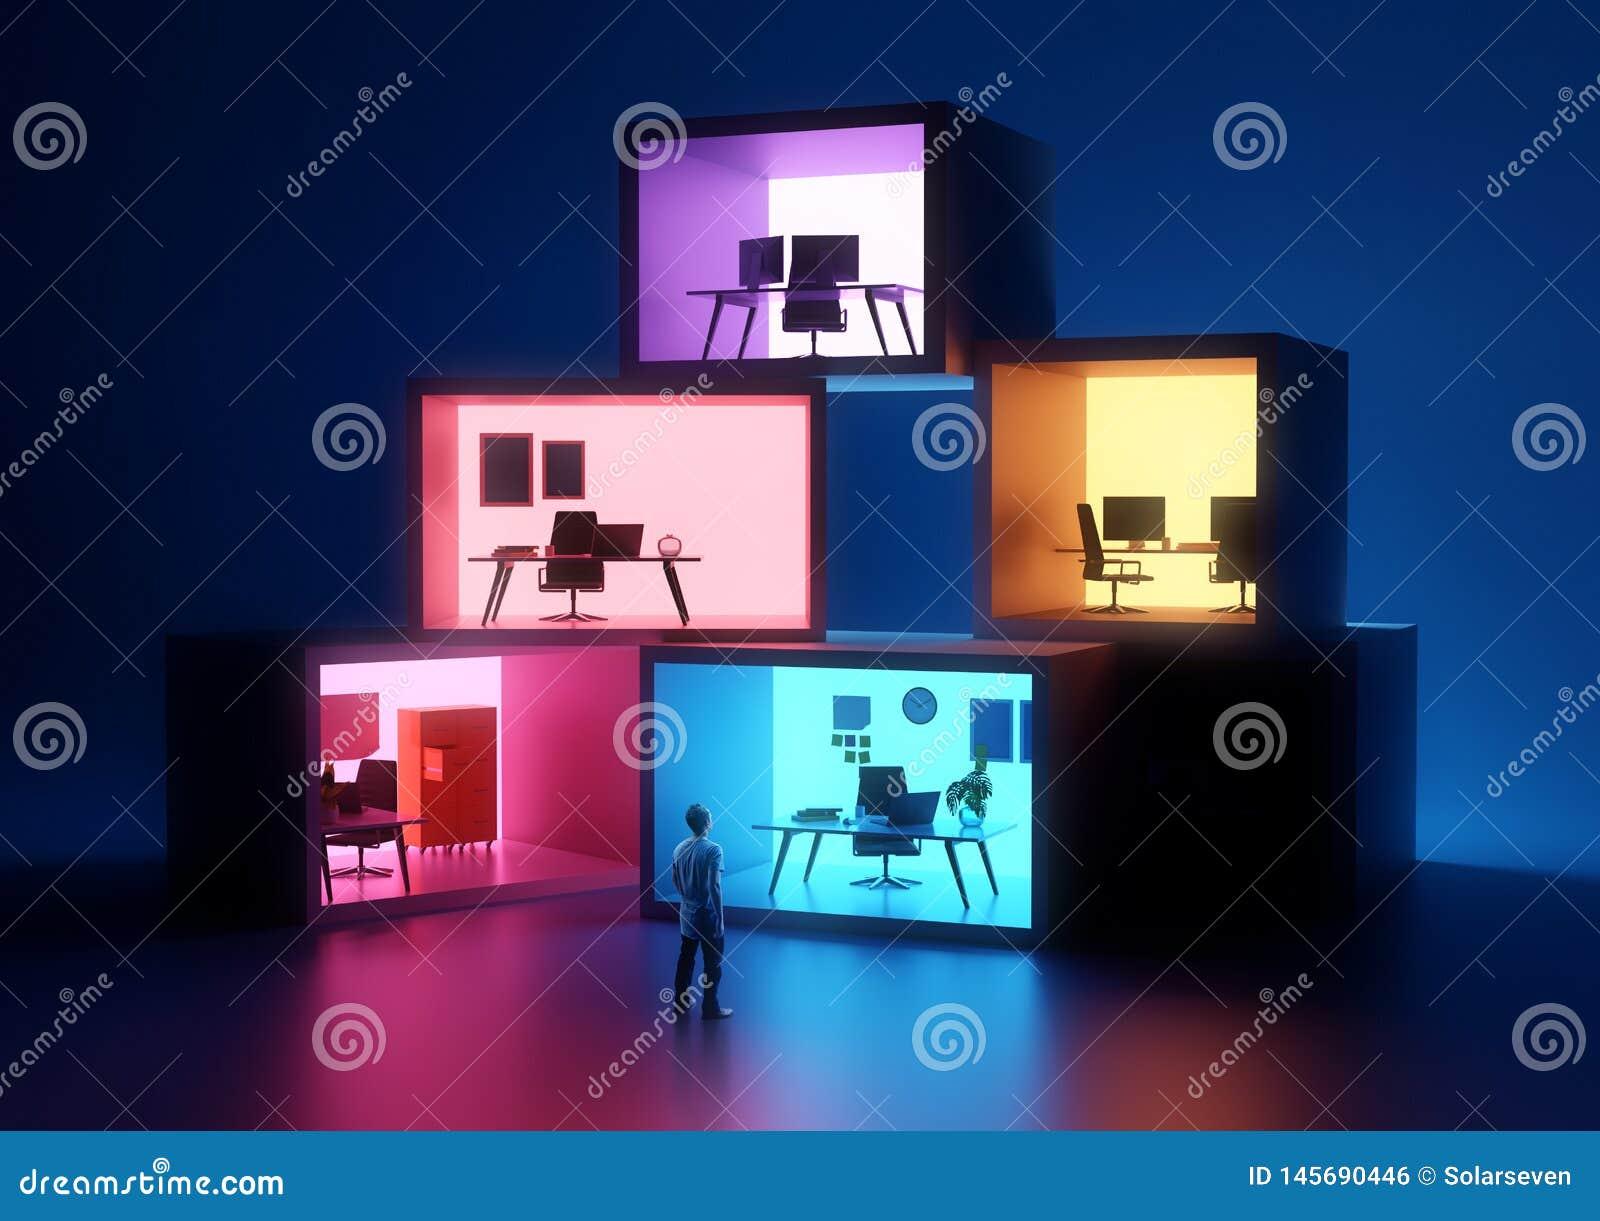 Διαστήματα επιχειρησιακών γραφείων και εργασιακών χώρων